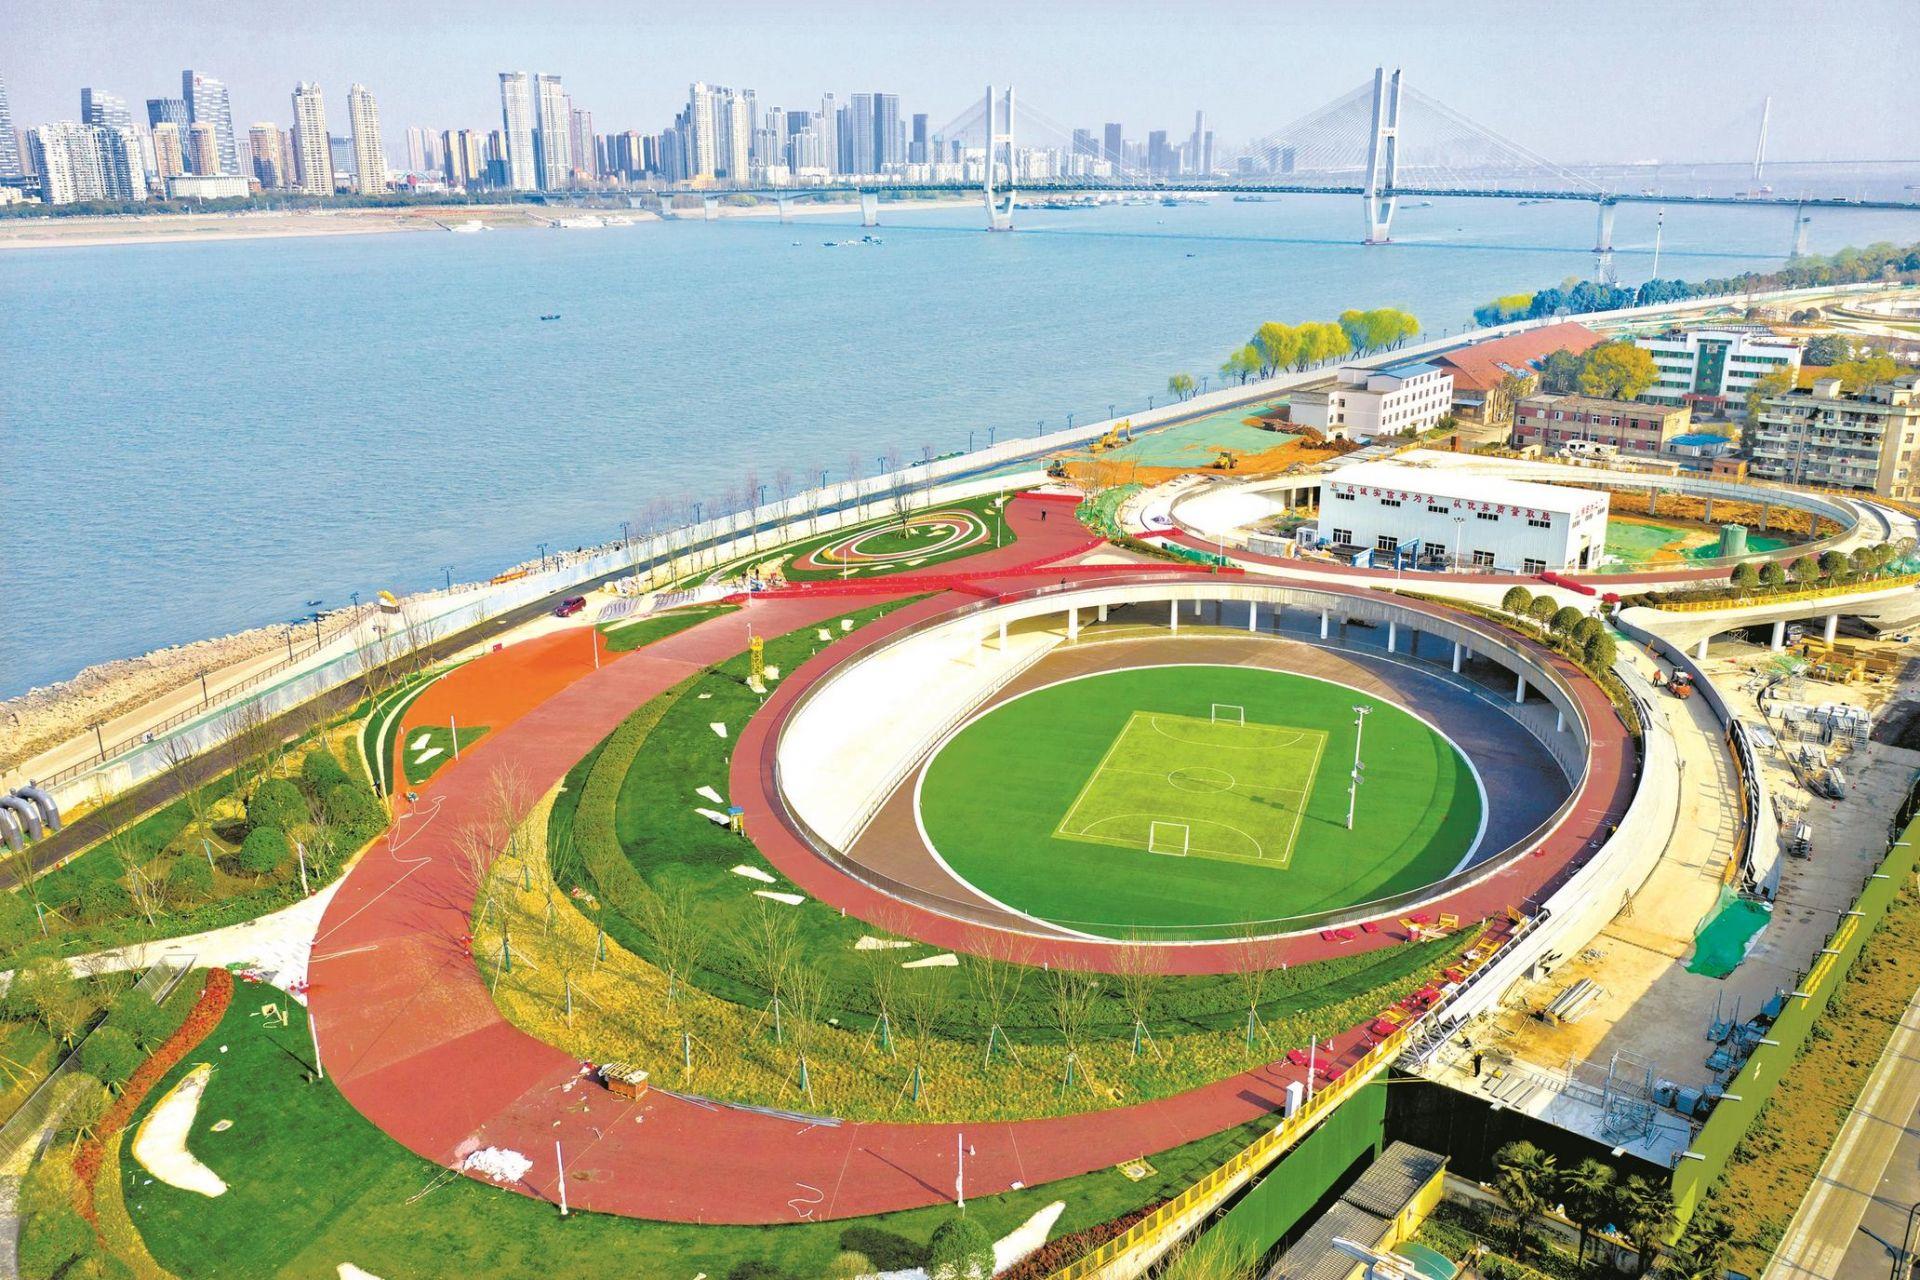 防汛险段变身城市阳台 武汉月亮湾将新装亮相